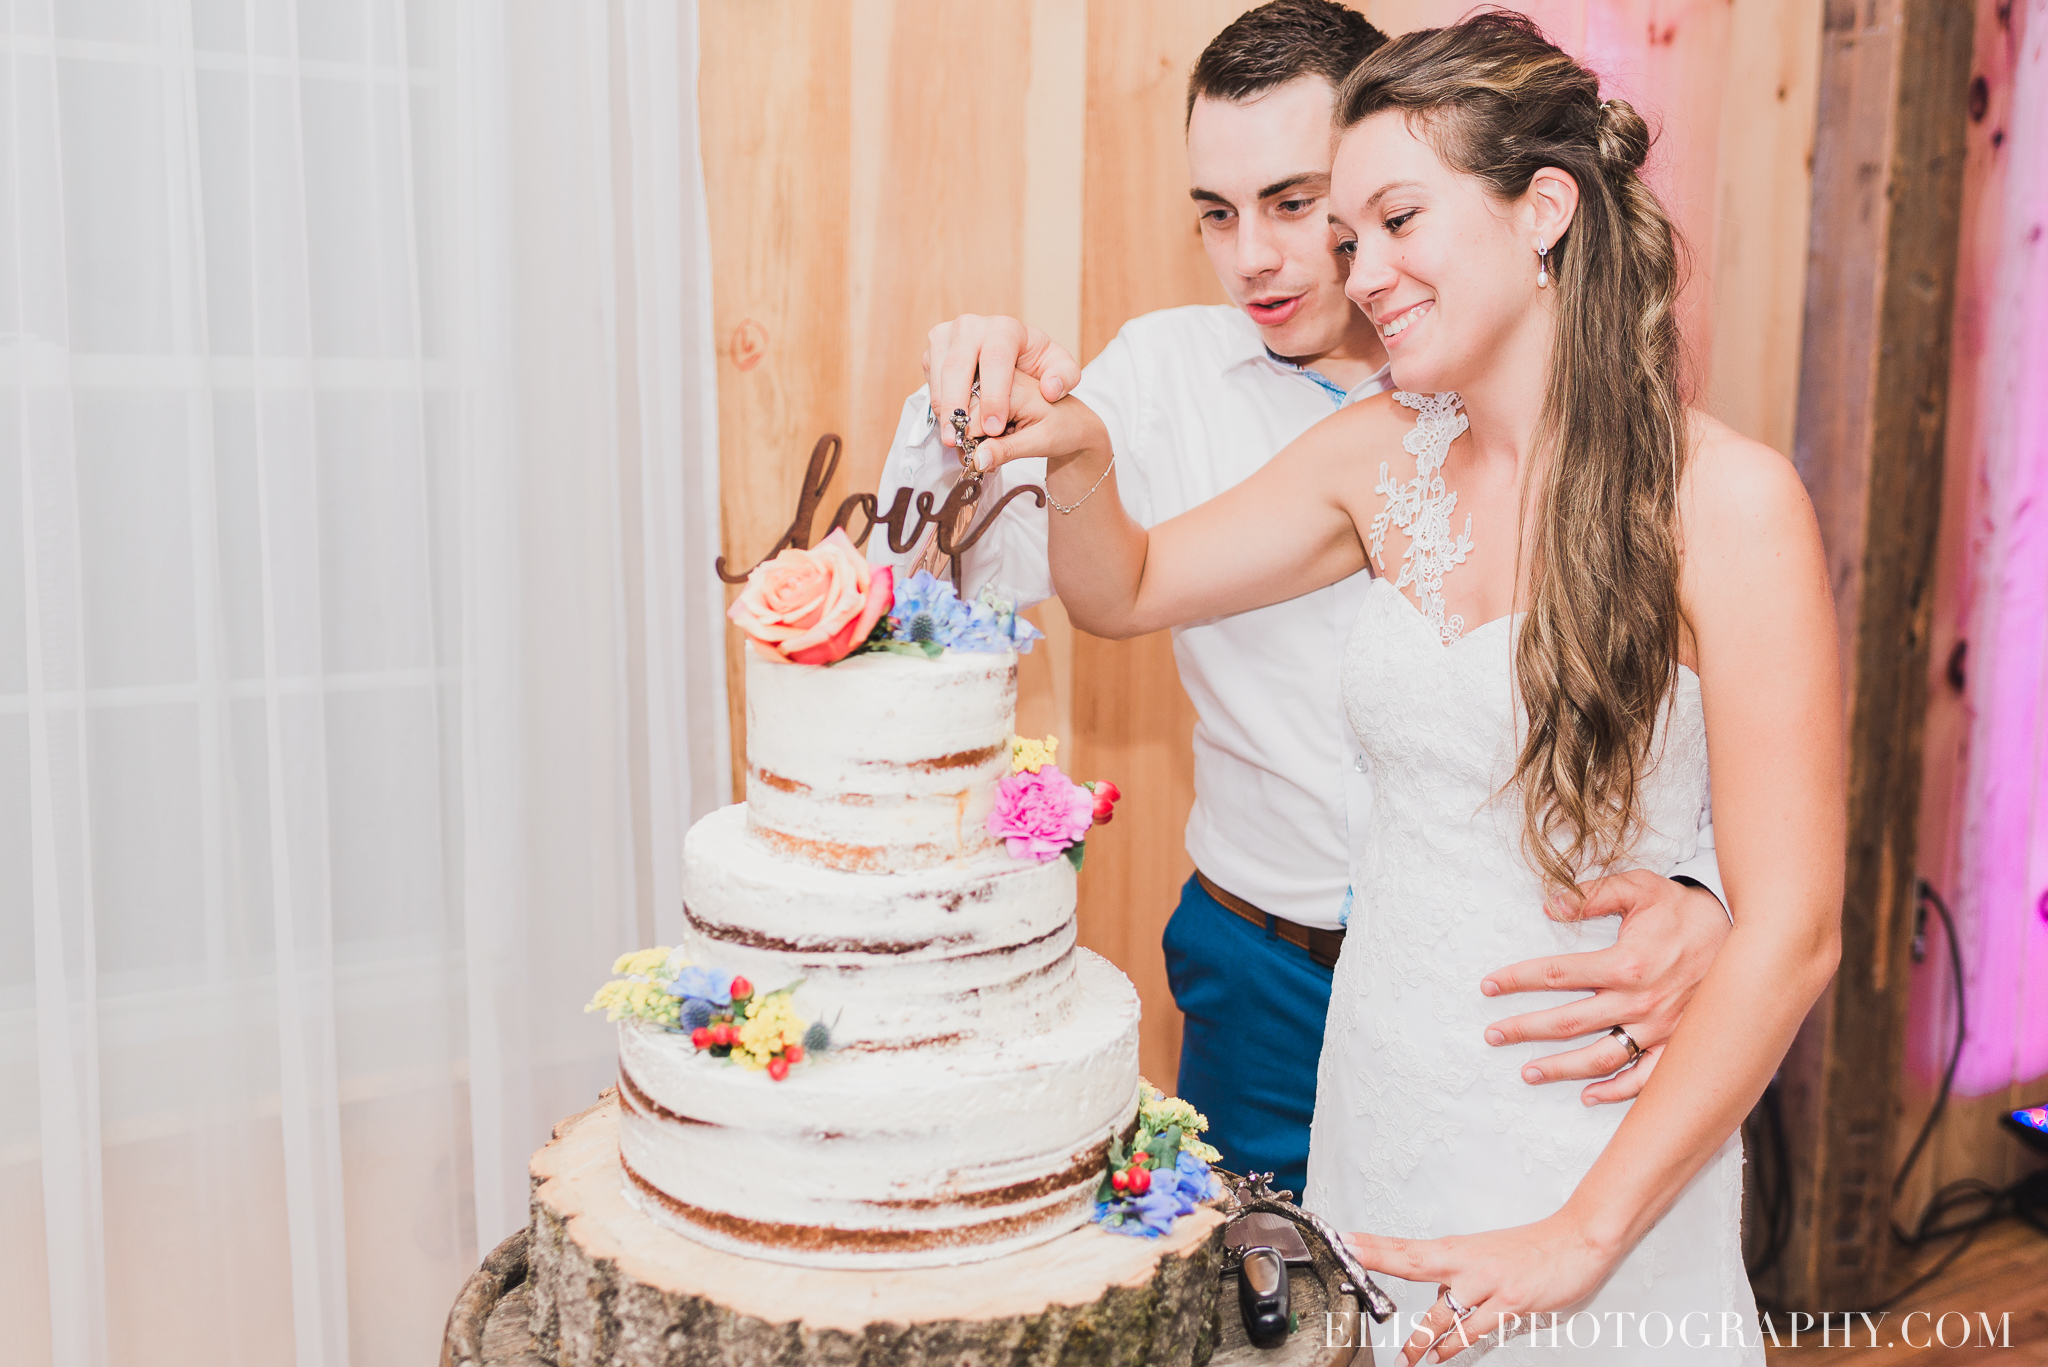 photo mariage grange rouge quebec reception colore rustique coupe gateau 9407 - Mariage coloré à la grange rouge de Brompton